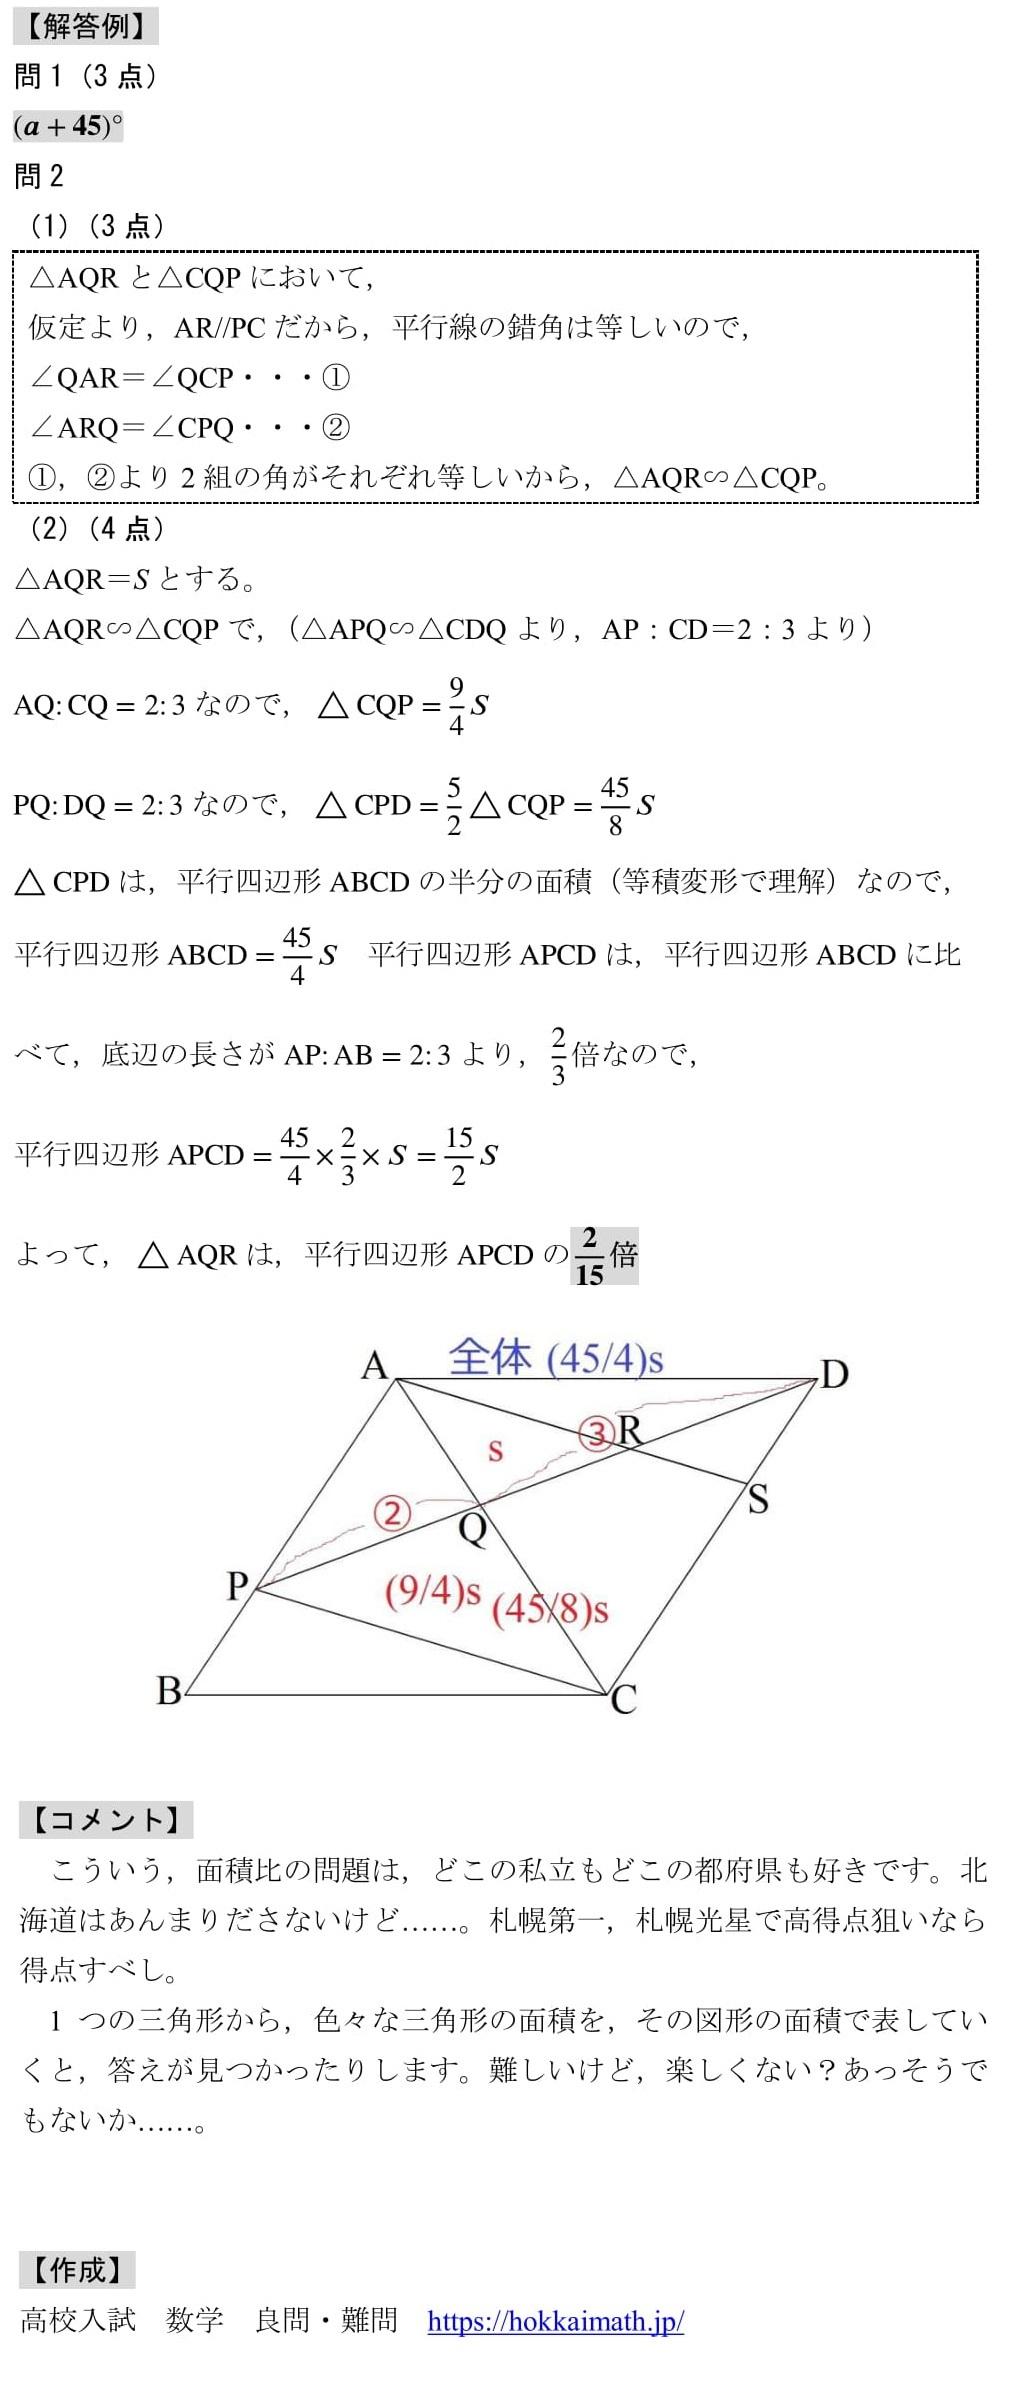 2016 東京都 高校入試 数学 過去問 解説